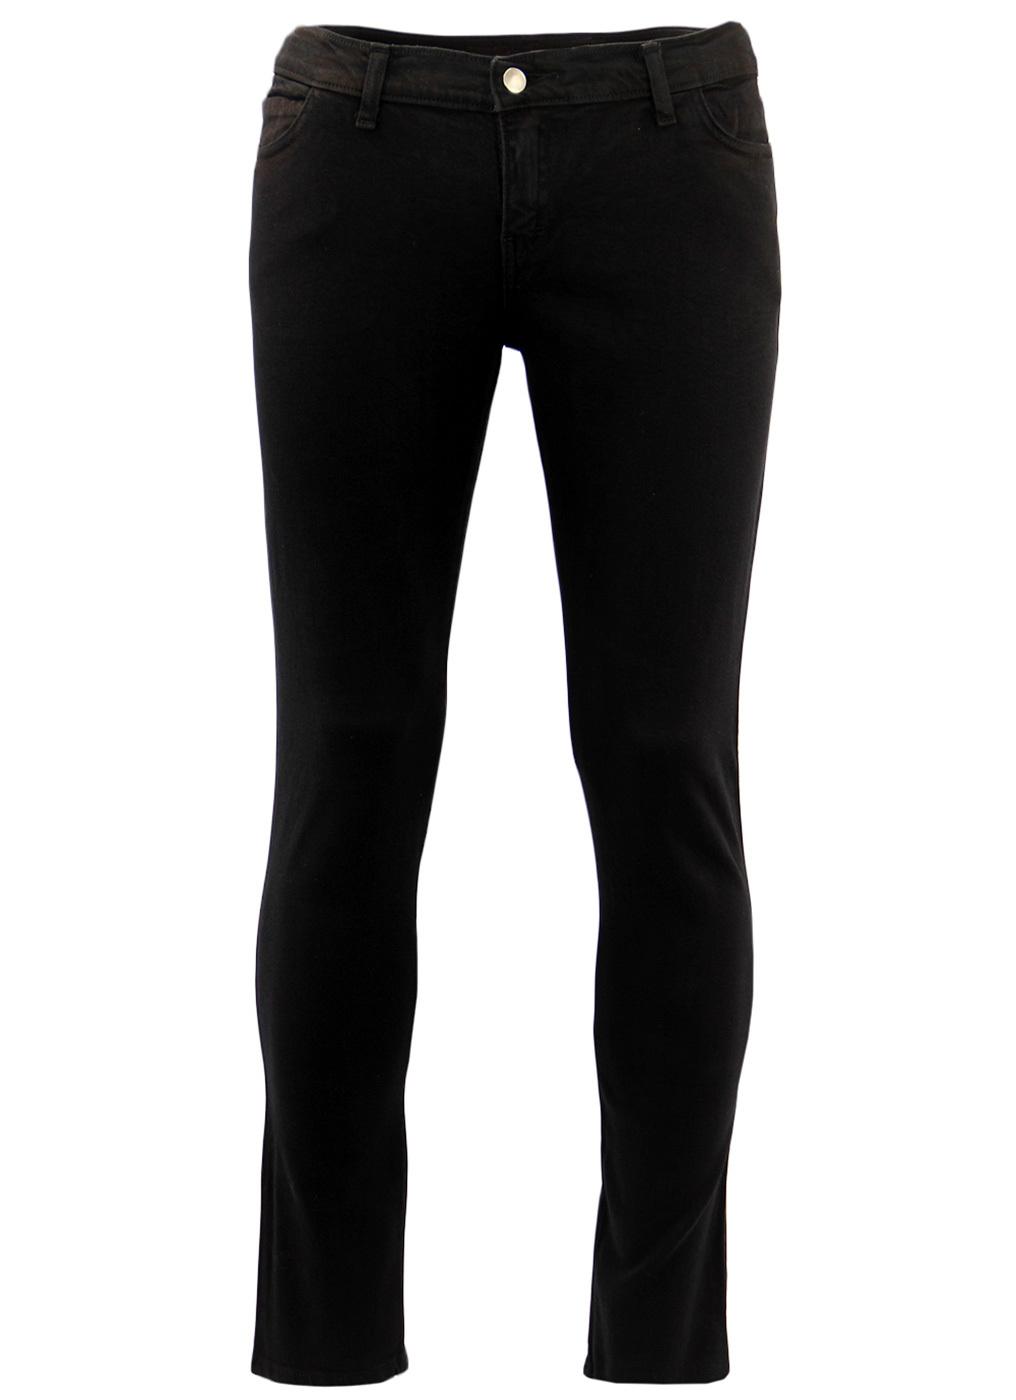 'Cavern 59' - Retro 60s Mod Black Drainpipe Jeans